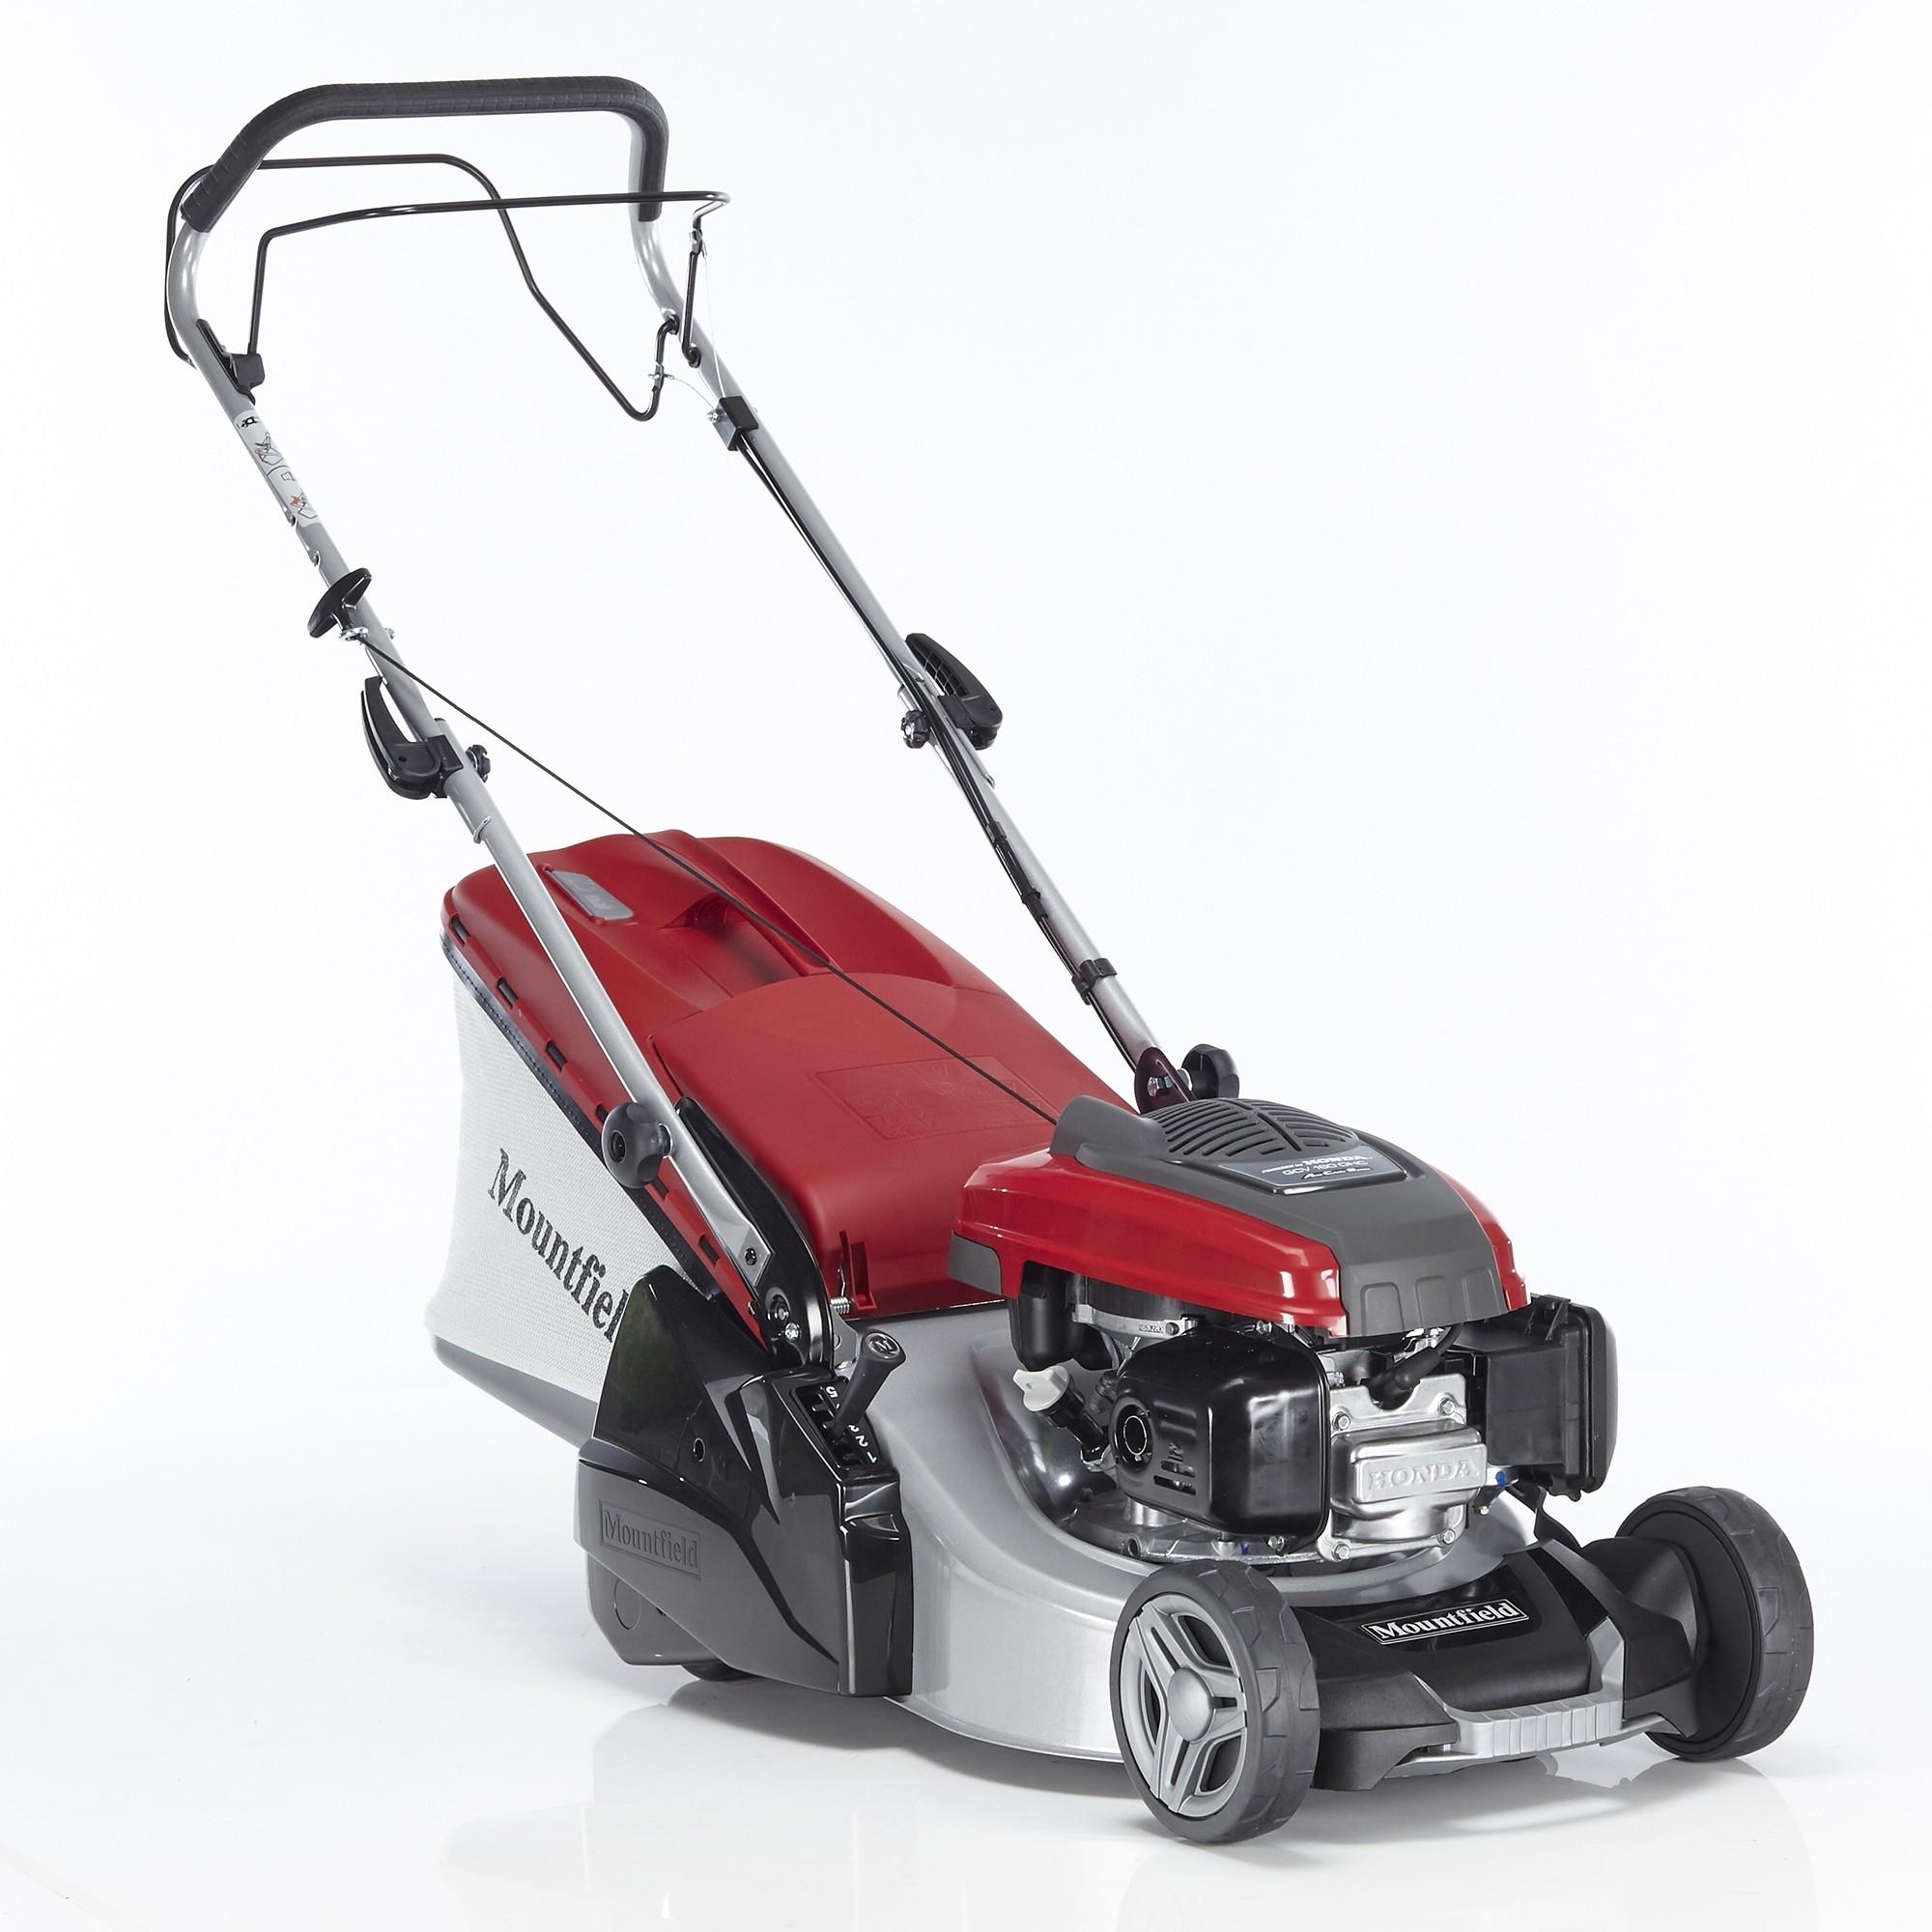 Mountfield SP425R 41CM Self-propelled Rear Roller Lawnmower